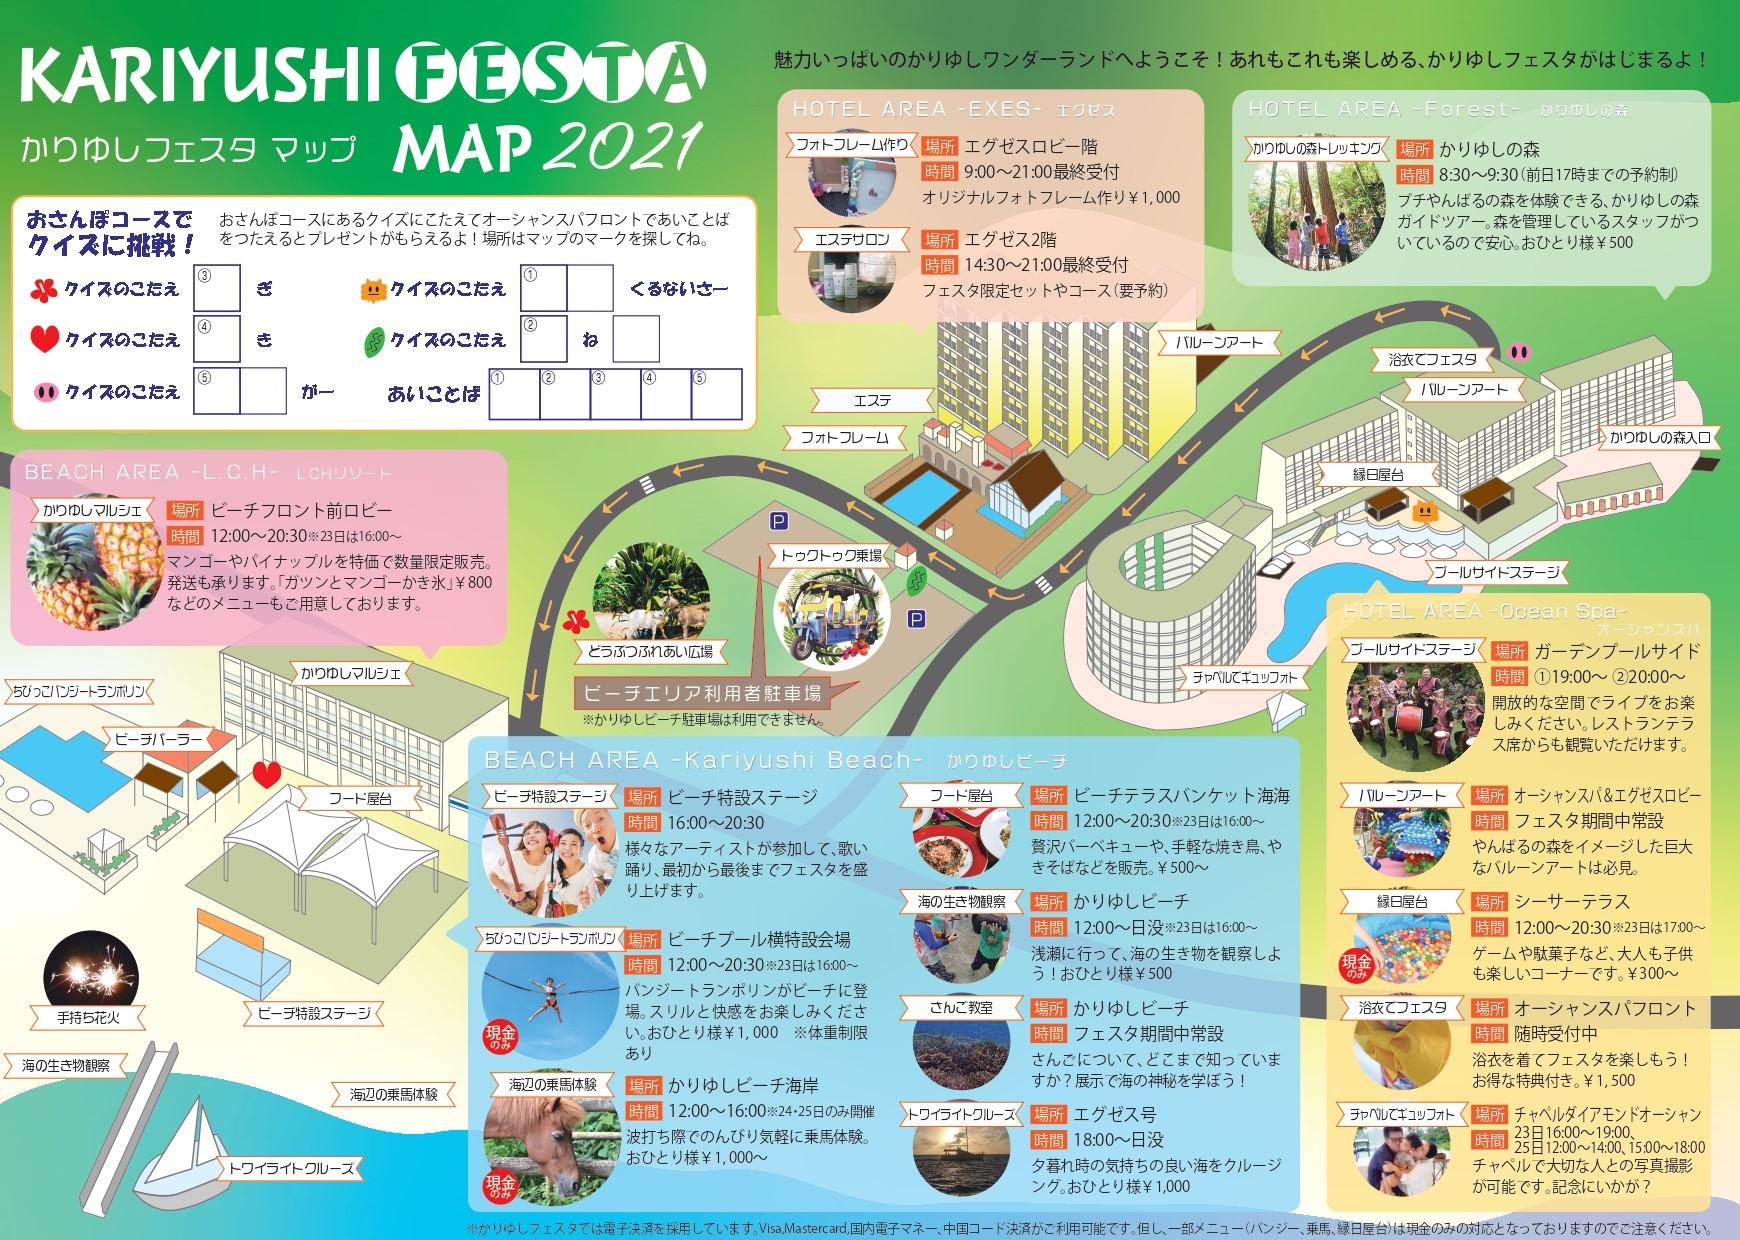 kariyushifestamap6.29_page-0001 トリミング.jpg